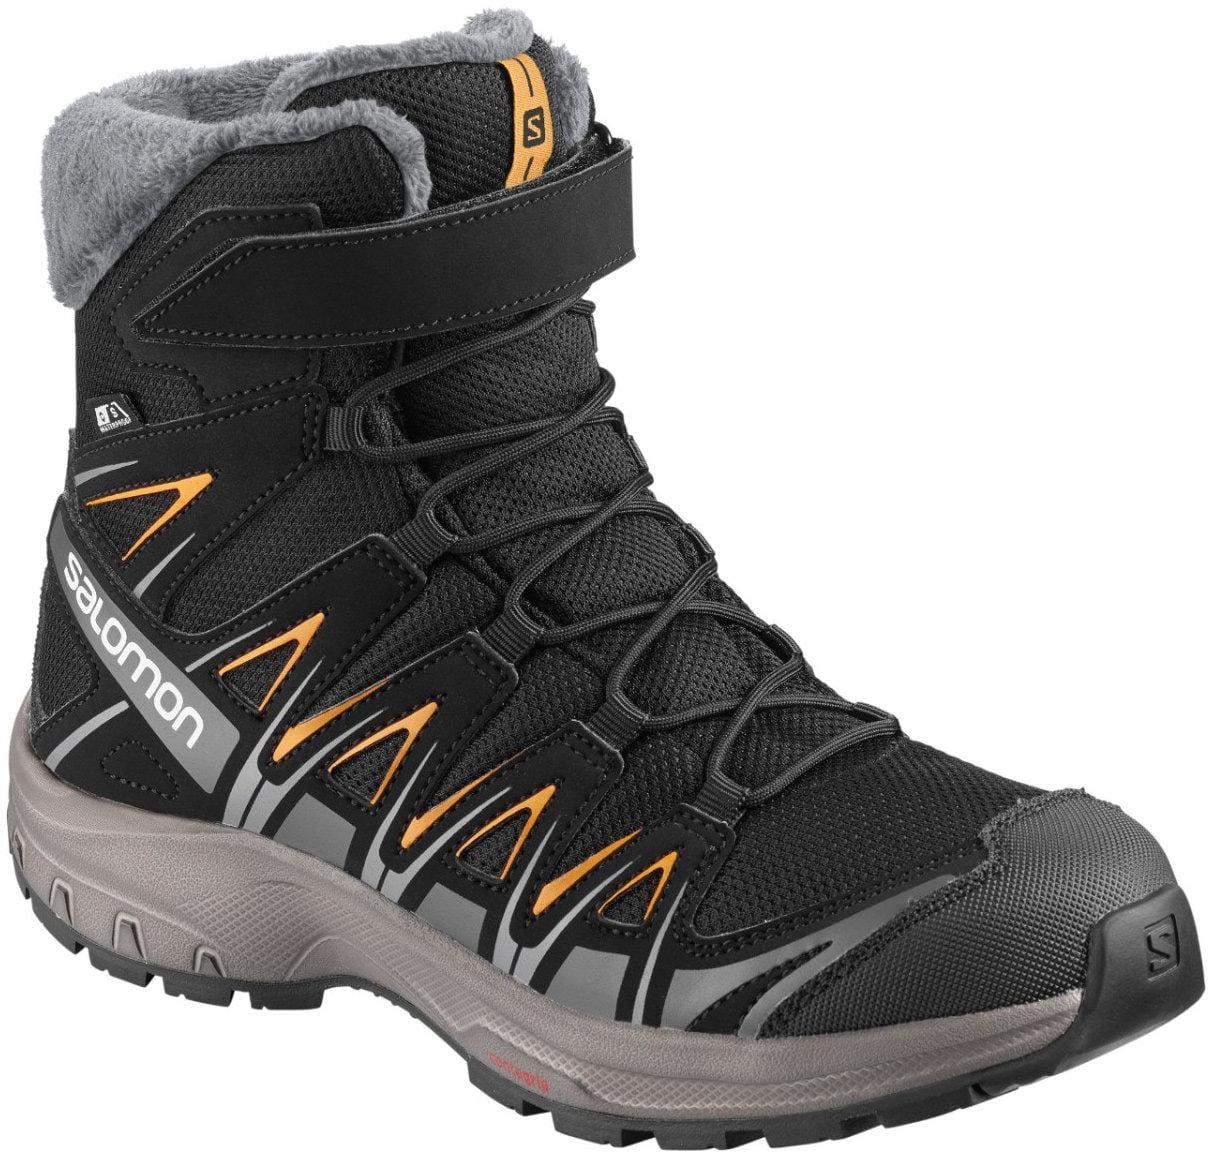 Detská zateplená turistická obuv Salomon Xa Pro 3D Winter Ts Cswp J